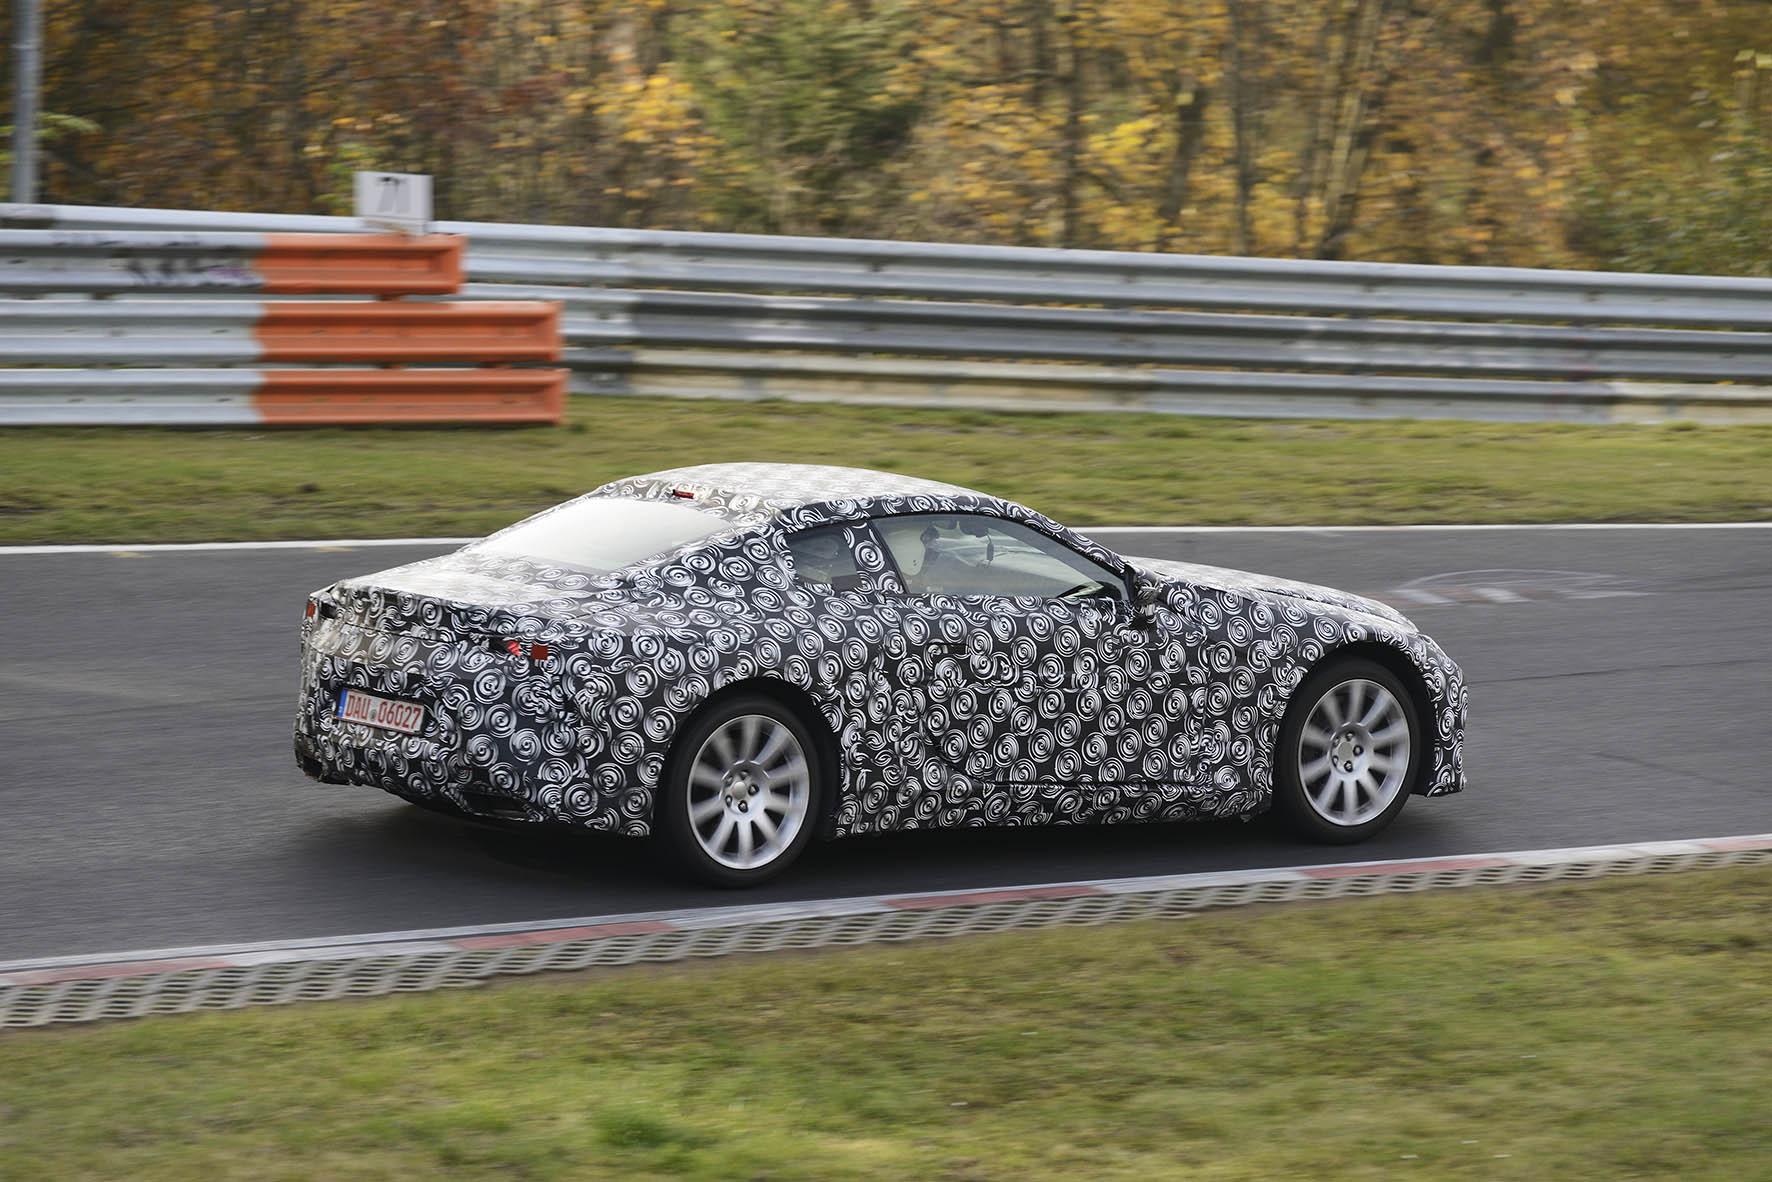 Lexus-LC-Technisch-DNA-Lexus-LFA-supersportscar-vertaald-naar-nieuwe-LC-premium-coupe-5 (1)